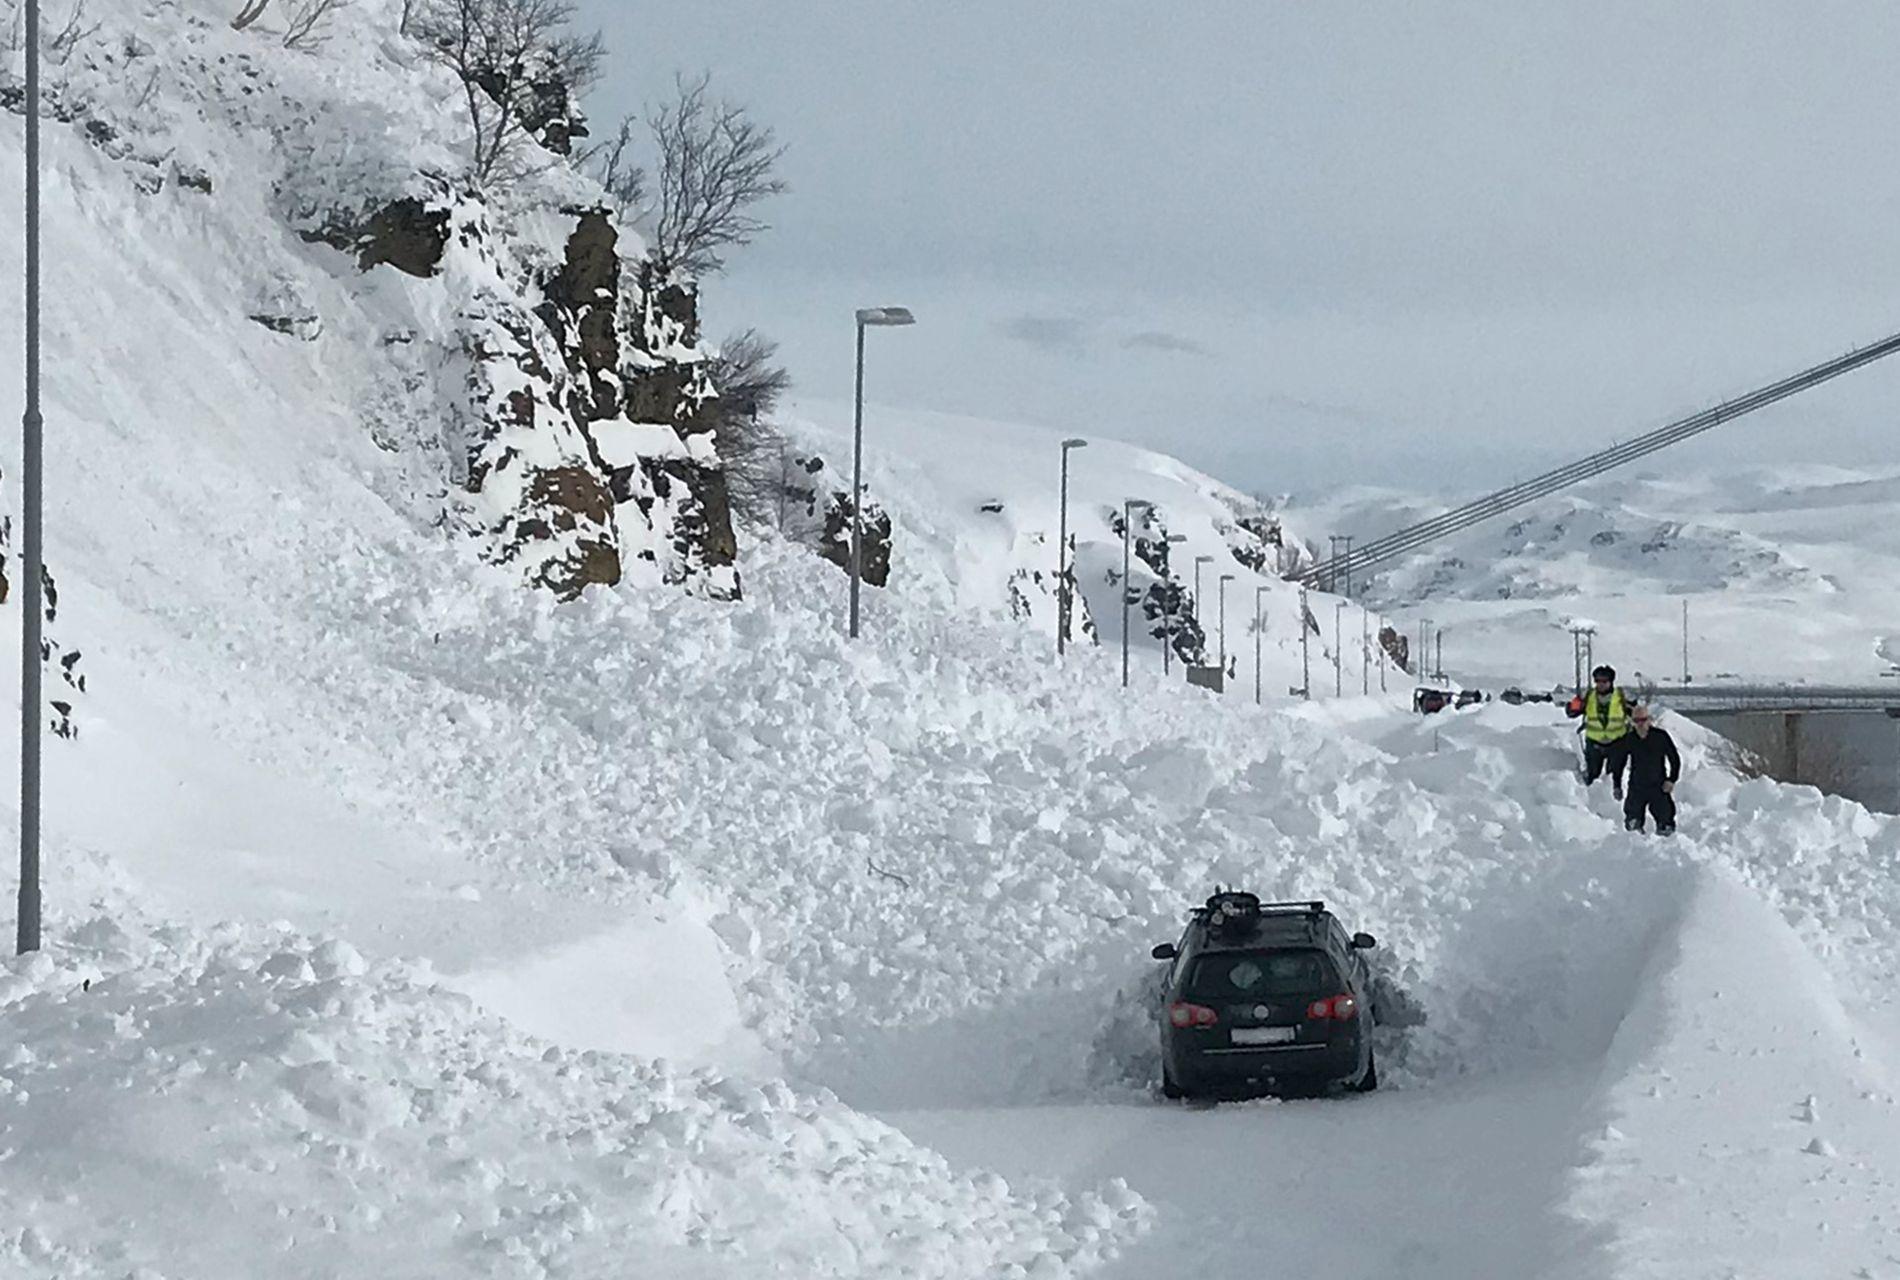 NESTEN TRUFFET: Bilen til Øyvind Berg ble stående mellom to snøskred fredag ettermiddag.